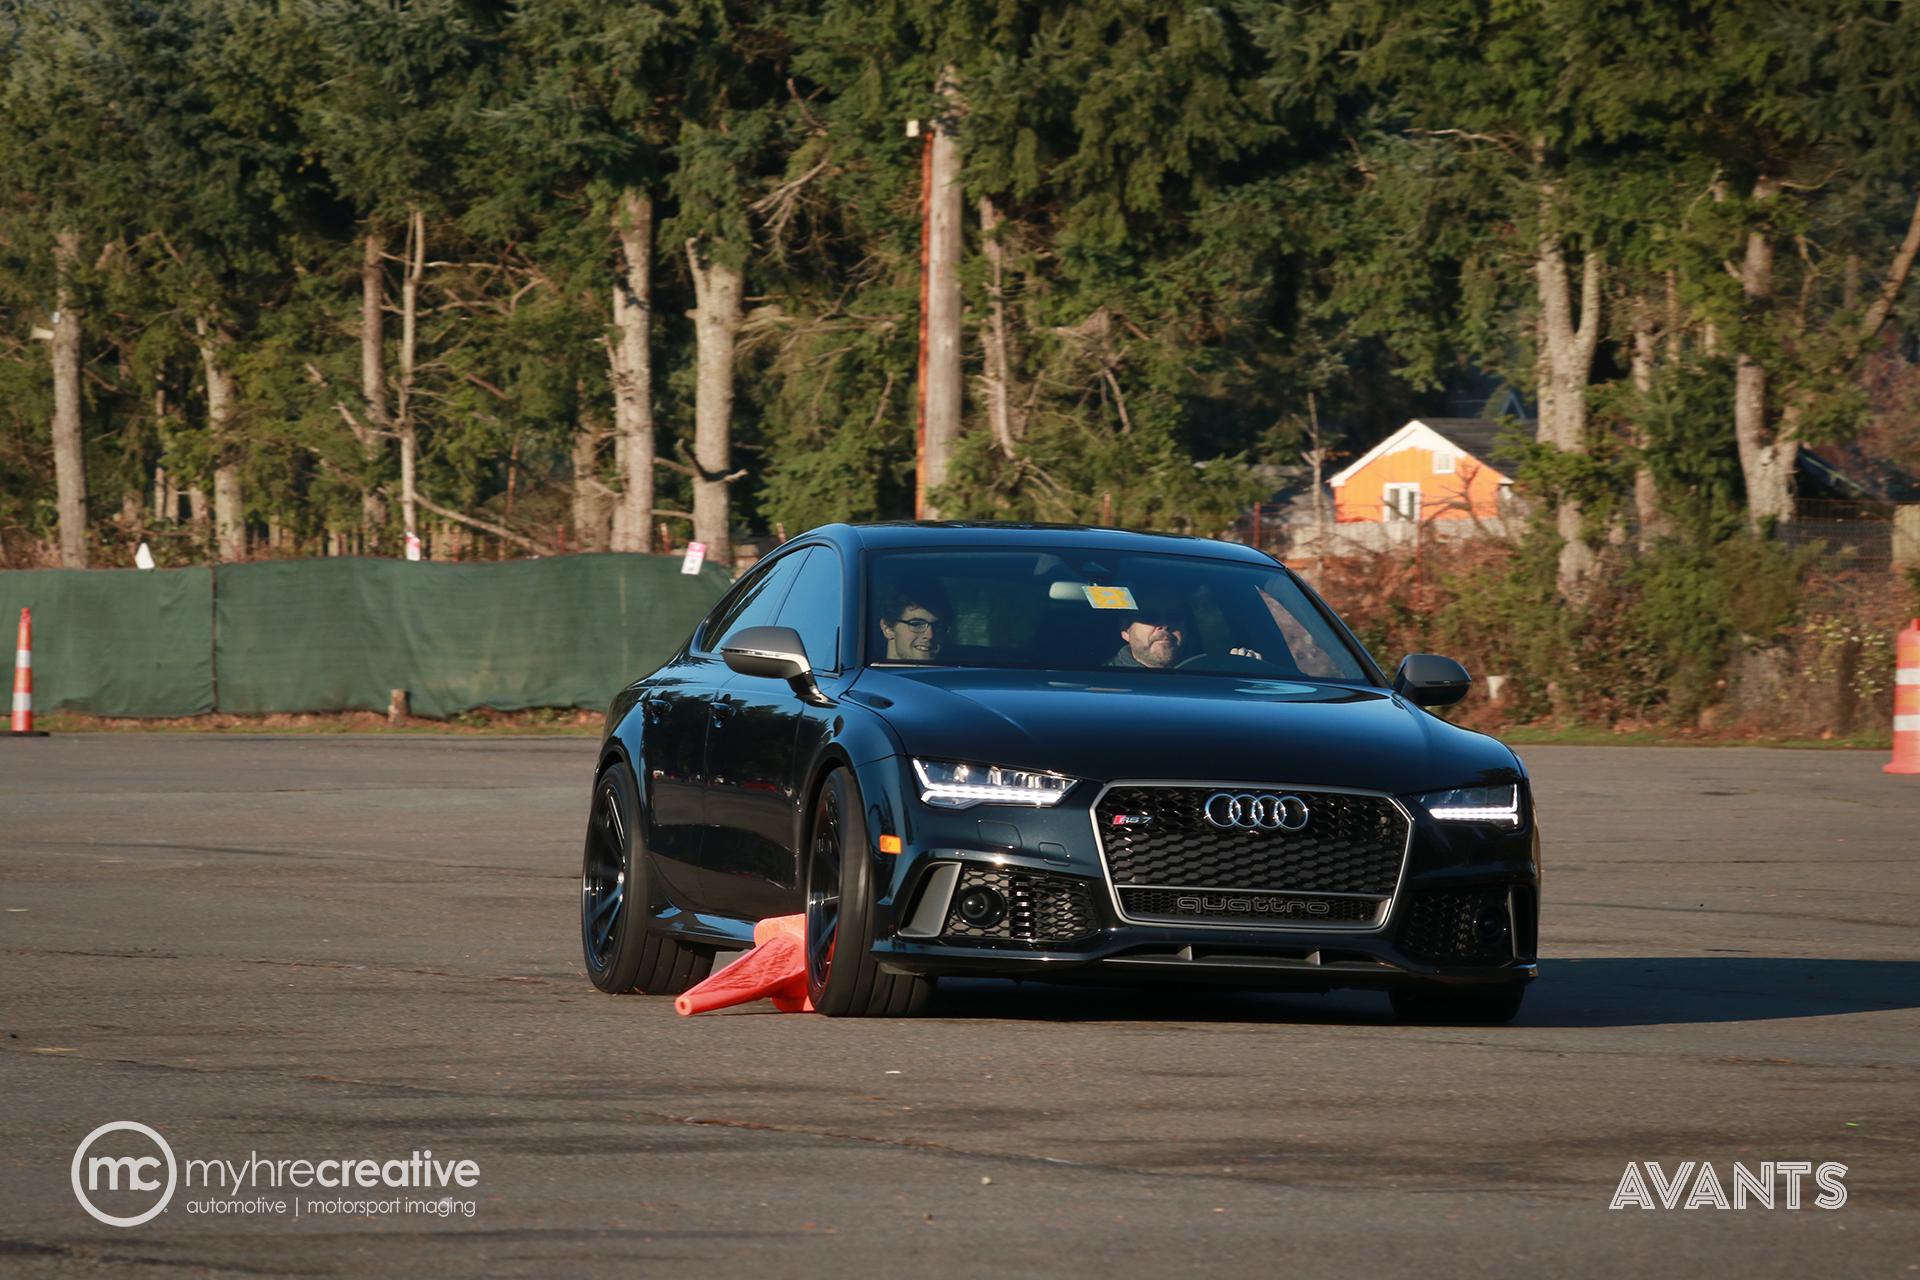 Audi_MyhreCreative_Avants_03.jpg